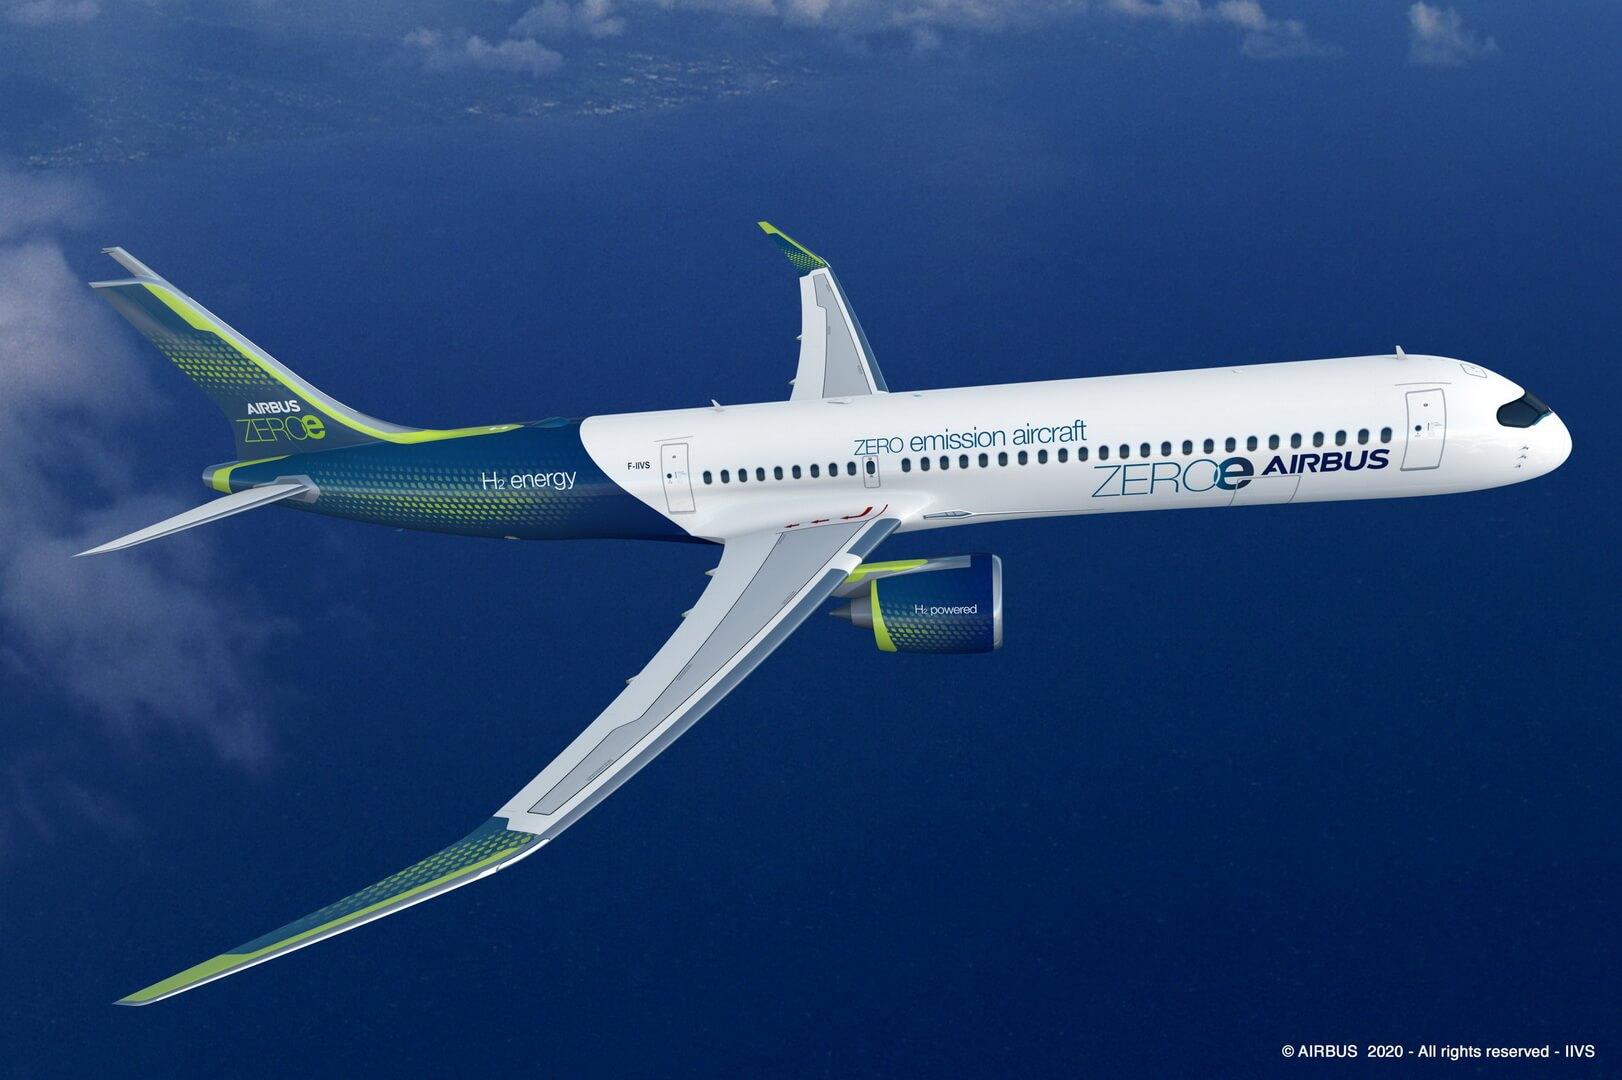 Концепт водородного самолета Airbus ZEROe с турбовентиляторным двигателем на 120-200 пассажиров